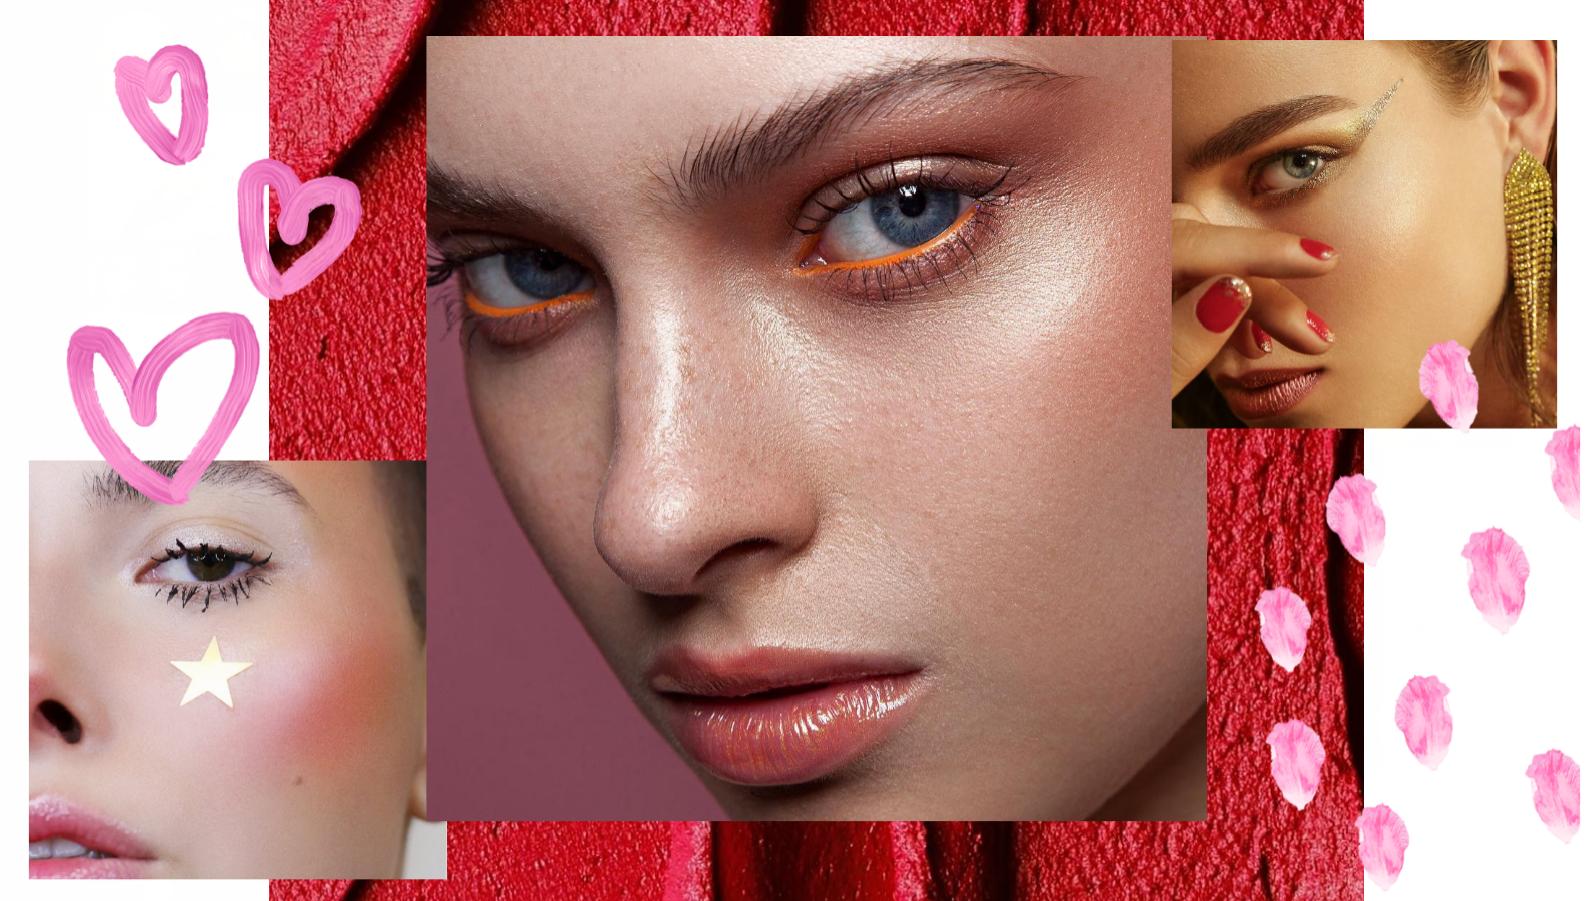 Не надо стесняться: 5 неожиданных причин попробовать креативный макияж